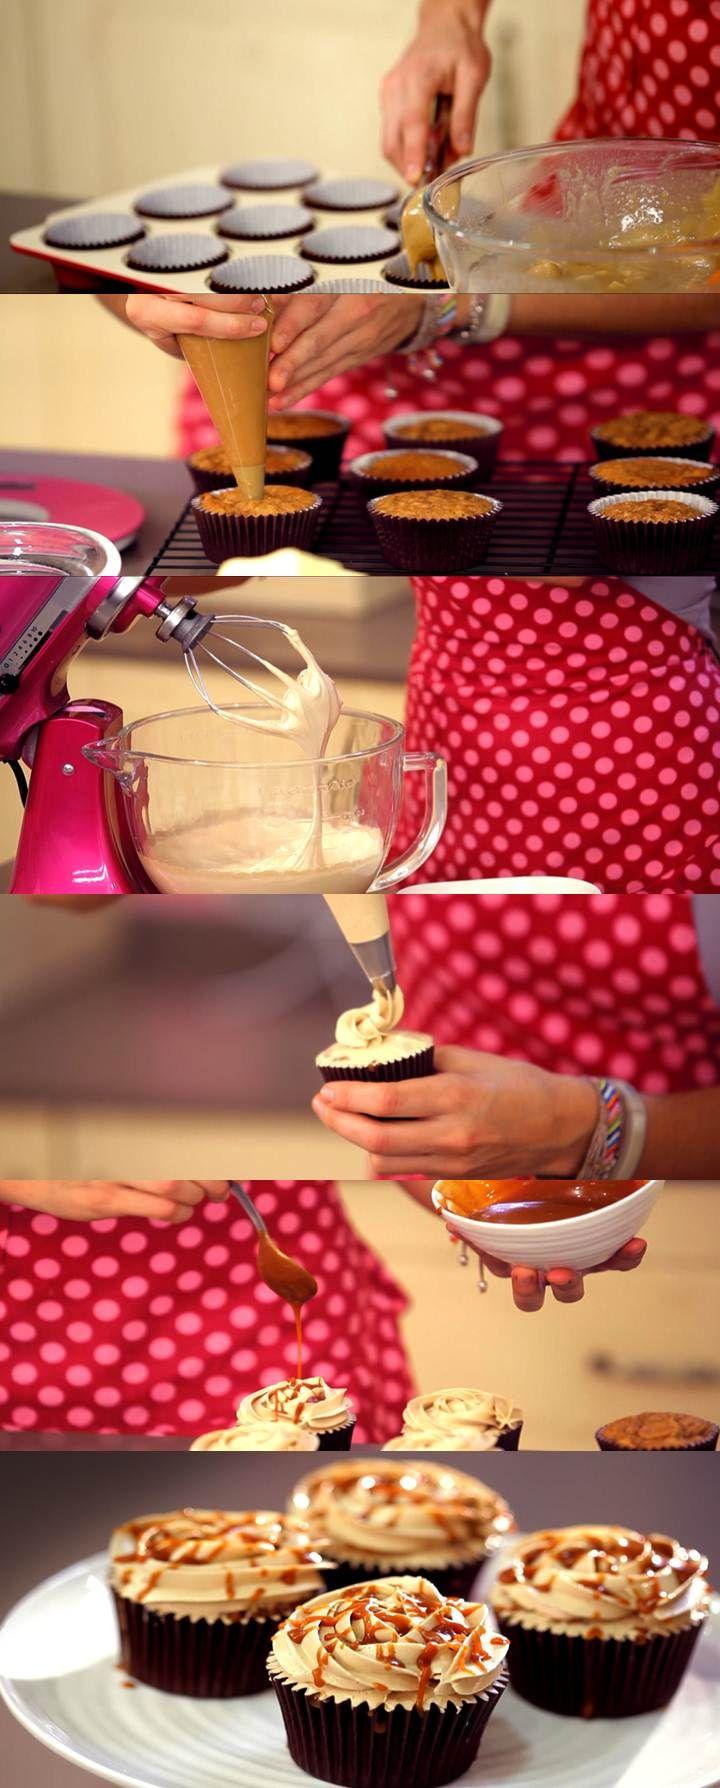 Cupcake Maniacs 12: Cupcakes de manzana y caramelo